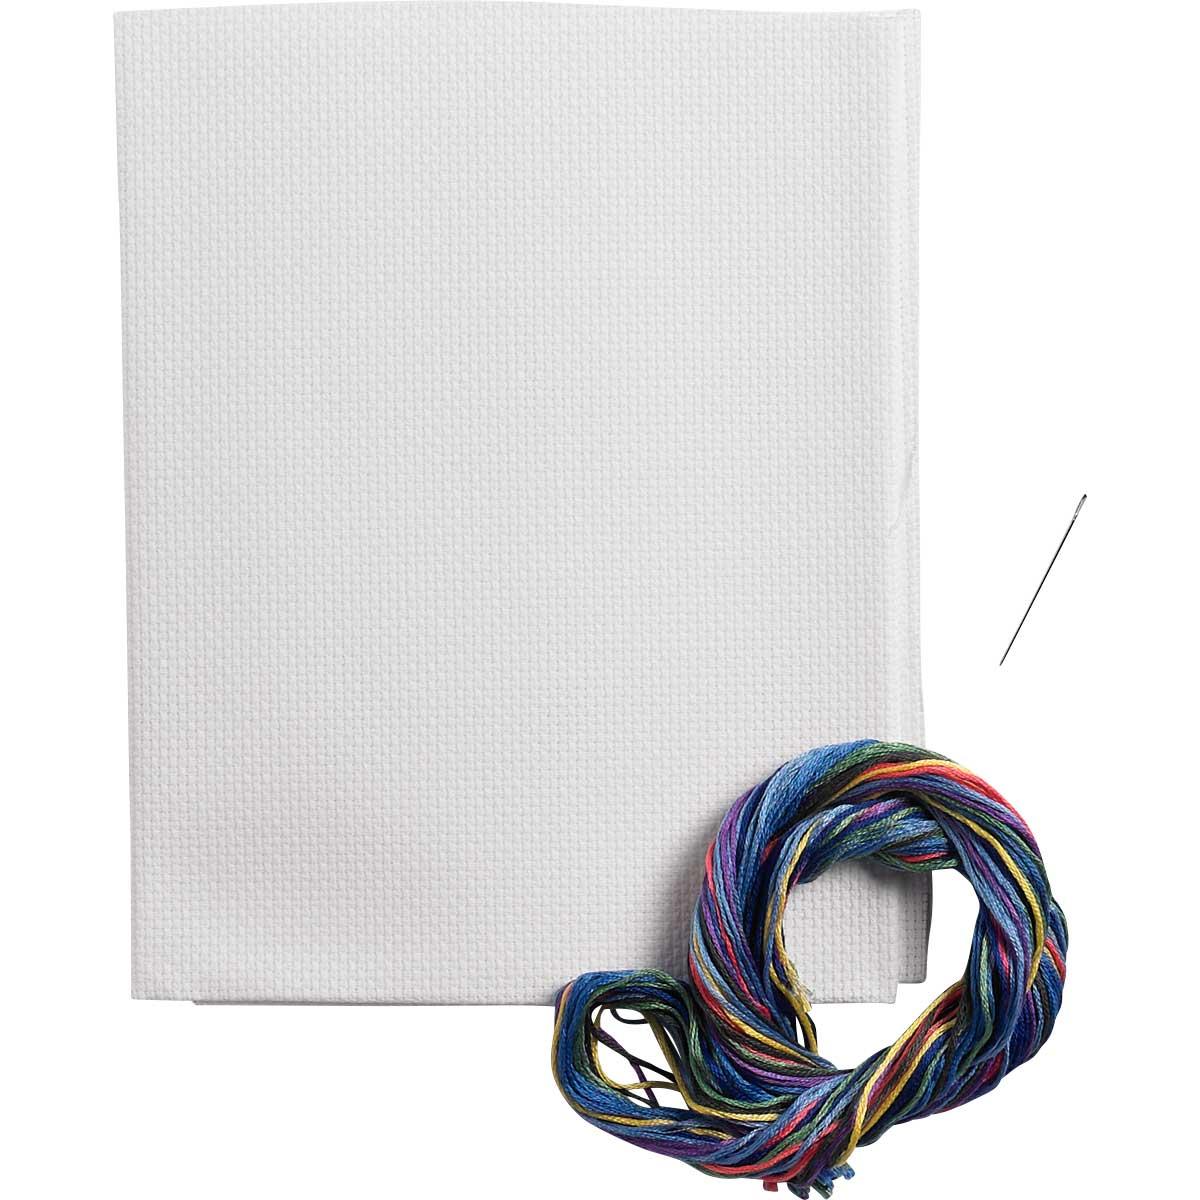 Bucilla ® Counted Cross Stitch - Picture Kits - Hallmark - Home - 47837